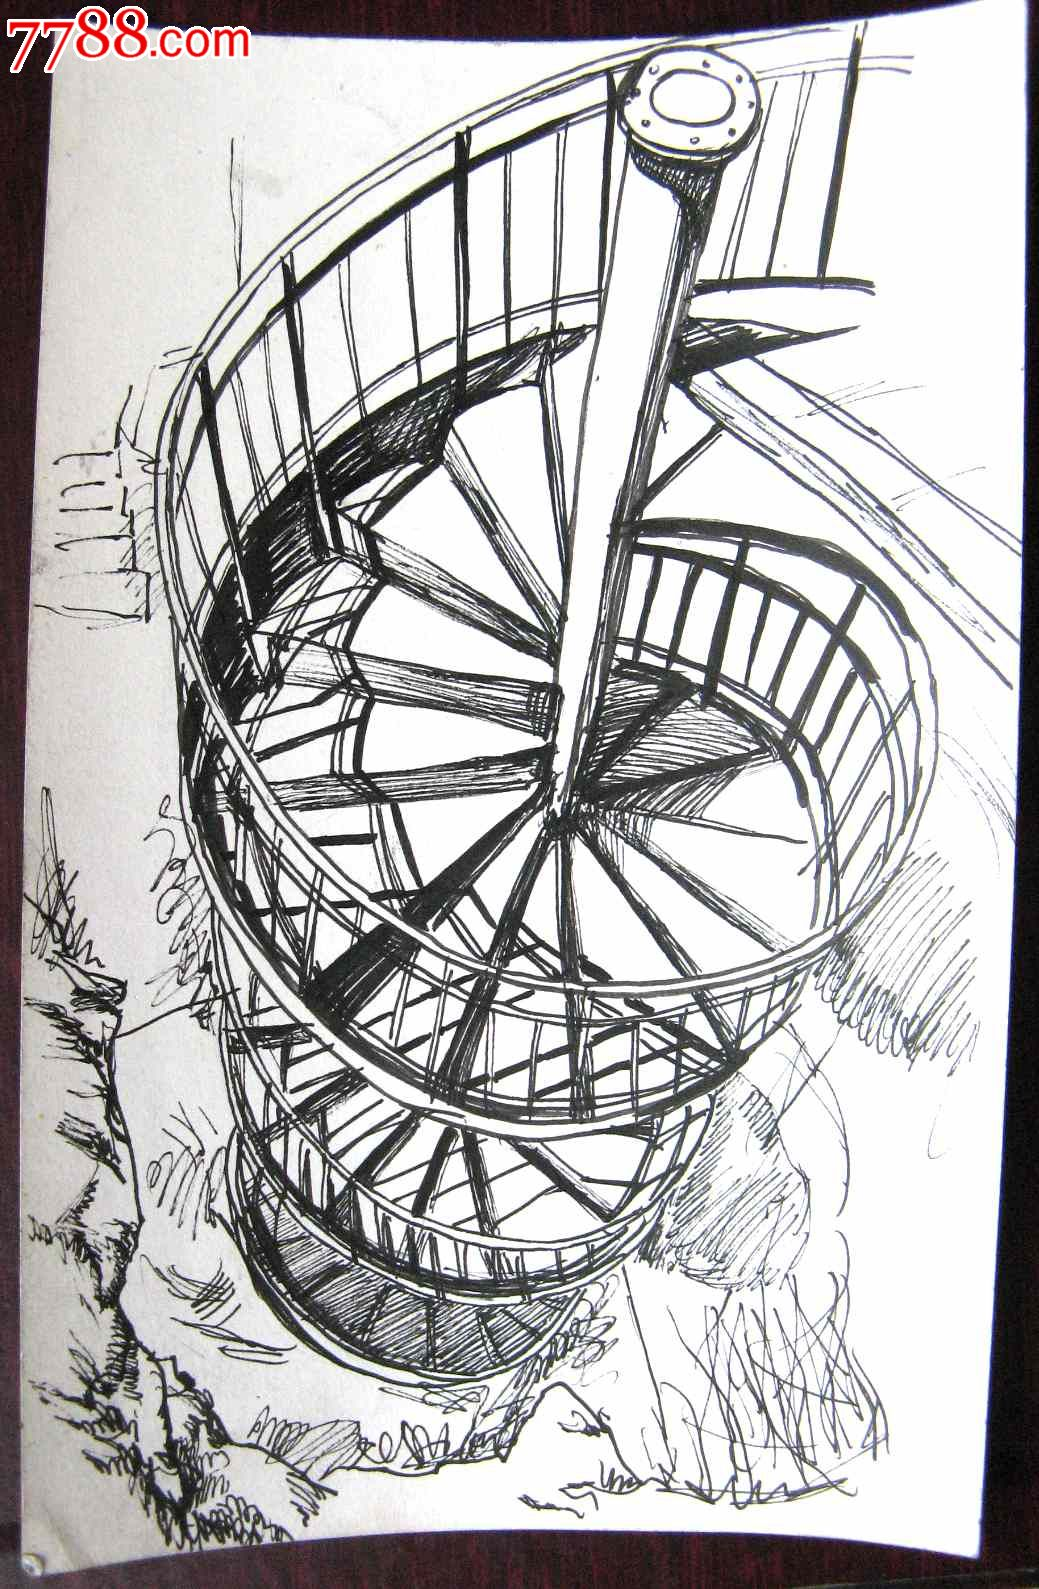 素描风景建筑画:旋转楼梯